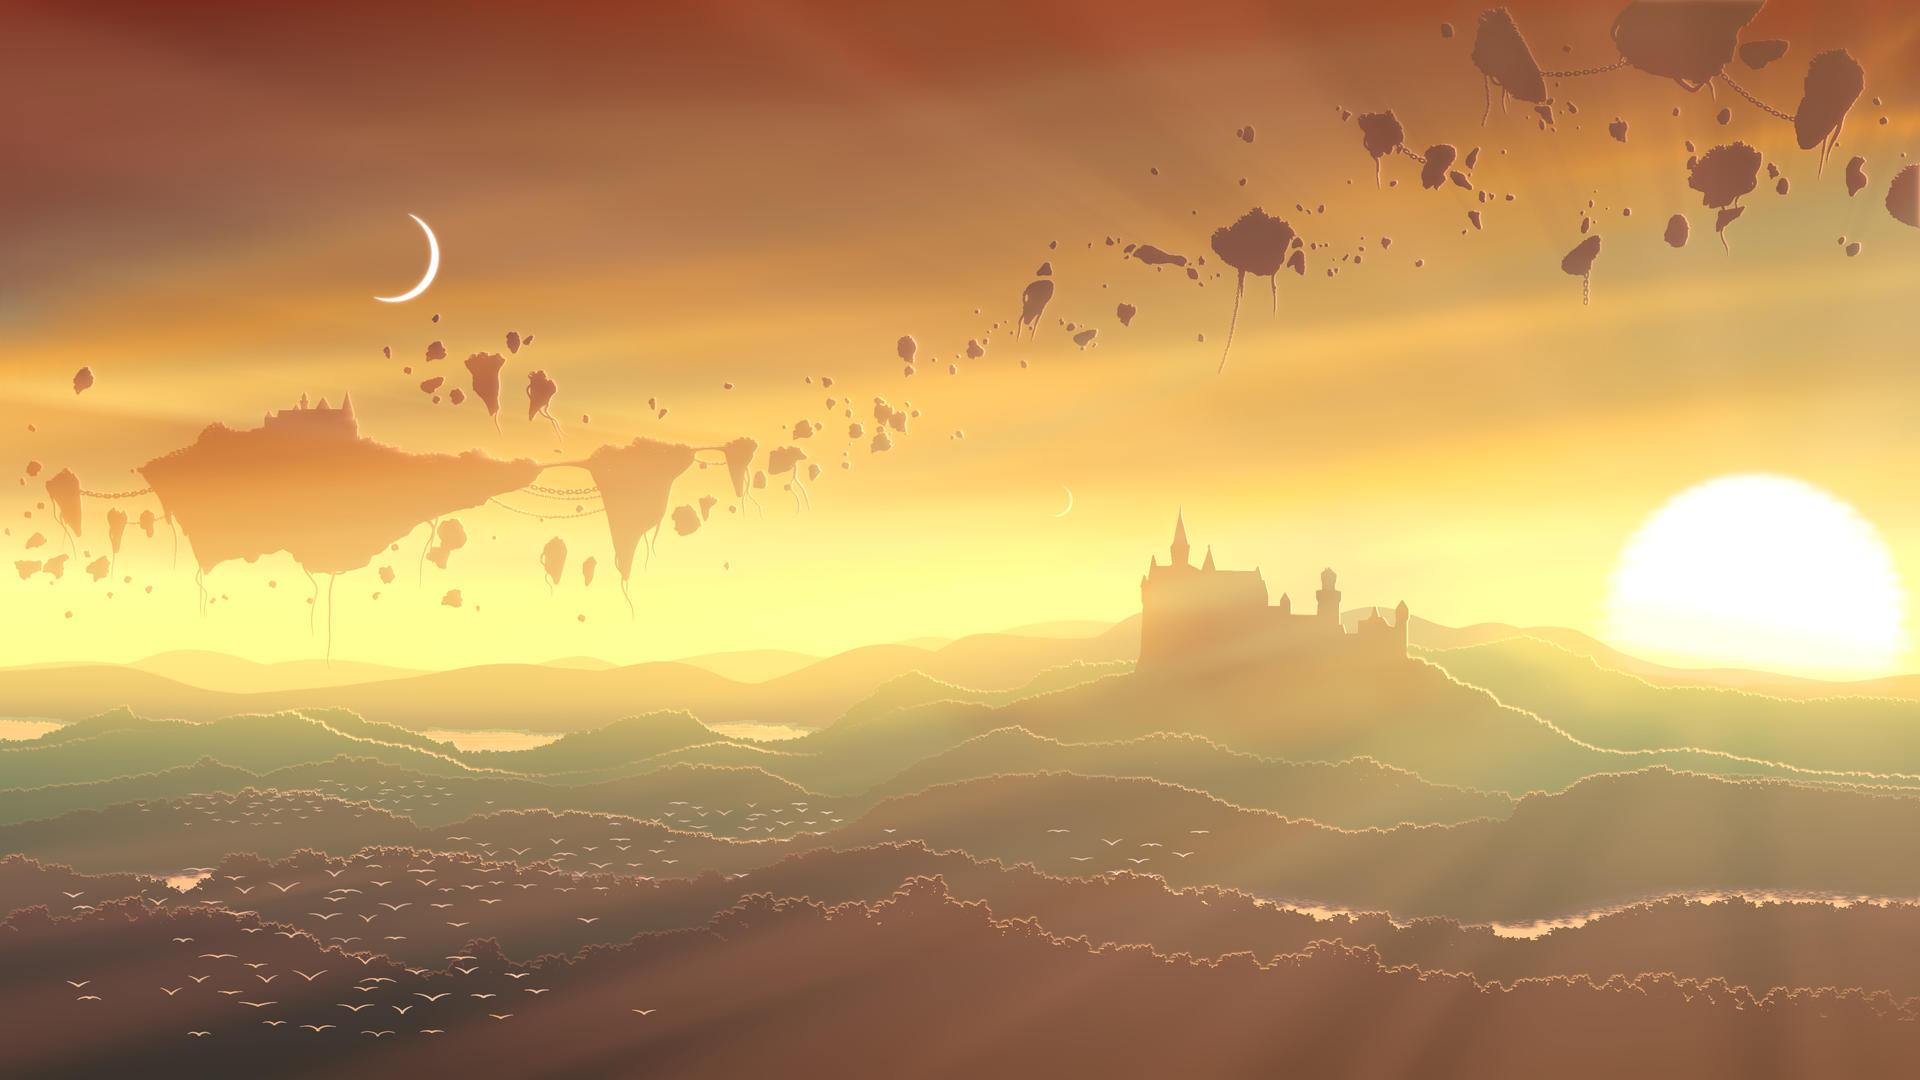 Deviant - art : une source d'inspiration pour nos univers ? - Page 3 Sunset_over_a_shattered_utopia__by_sevenics_ddm1bg8-fullview.jpg?token=eyJ0eXAiOiJKV1QiLCJhbGciOiJIUzI1NiJ9.eyJzdWIiOiJ1cm46YXBwOjdlMGQxODg5ODIyNjQzNzNhNWYwZDQxNWVhMGQyNmUwIiwiaXNzIjoidXJuOmFwcDo3ZTBkMTg4OTgyMjY0MzczYTVmMGQ0MTVlYTBkMjZlMCIsIm9iaiI6W1t7ImhlaWdodCI6Ijw9MTA4MCIsInBhdGgiOiJcL2ZcLzVhYjk0OWQ5LWQzNjUtNDlkMy05NTQ3LTg4NDU5M2UwYTM5ZVwvZGRtMWJnOC0zNTg1N2U4My1mOTQ1LTQ3MjAtODlhNi1hODNiYTkwZWUzOGIuanBnIiwid2lkdGgiOiI8PTE5MjAifV1dLCJhdWQiOlsidXJuOnNlcnZpY2U6aW1hZ2Uub3BlcmF0aW9ucyJdfQ